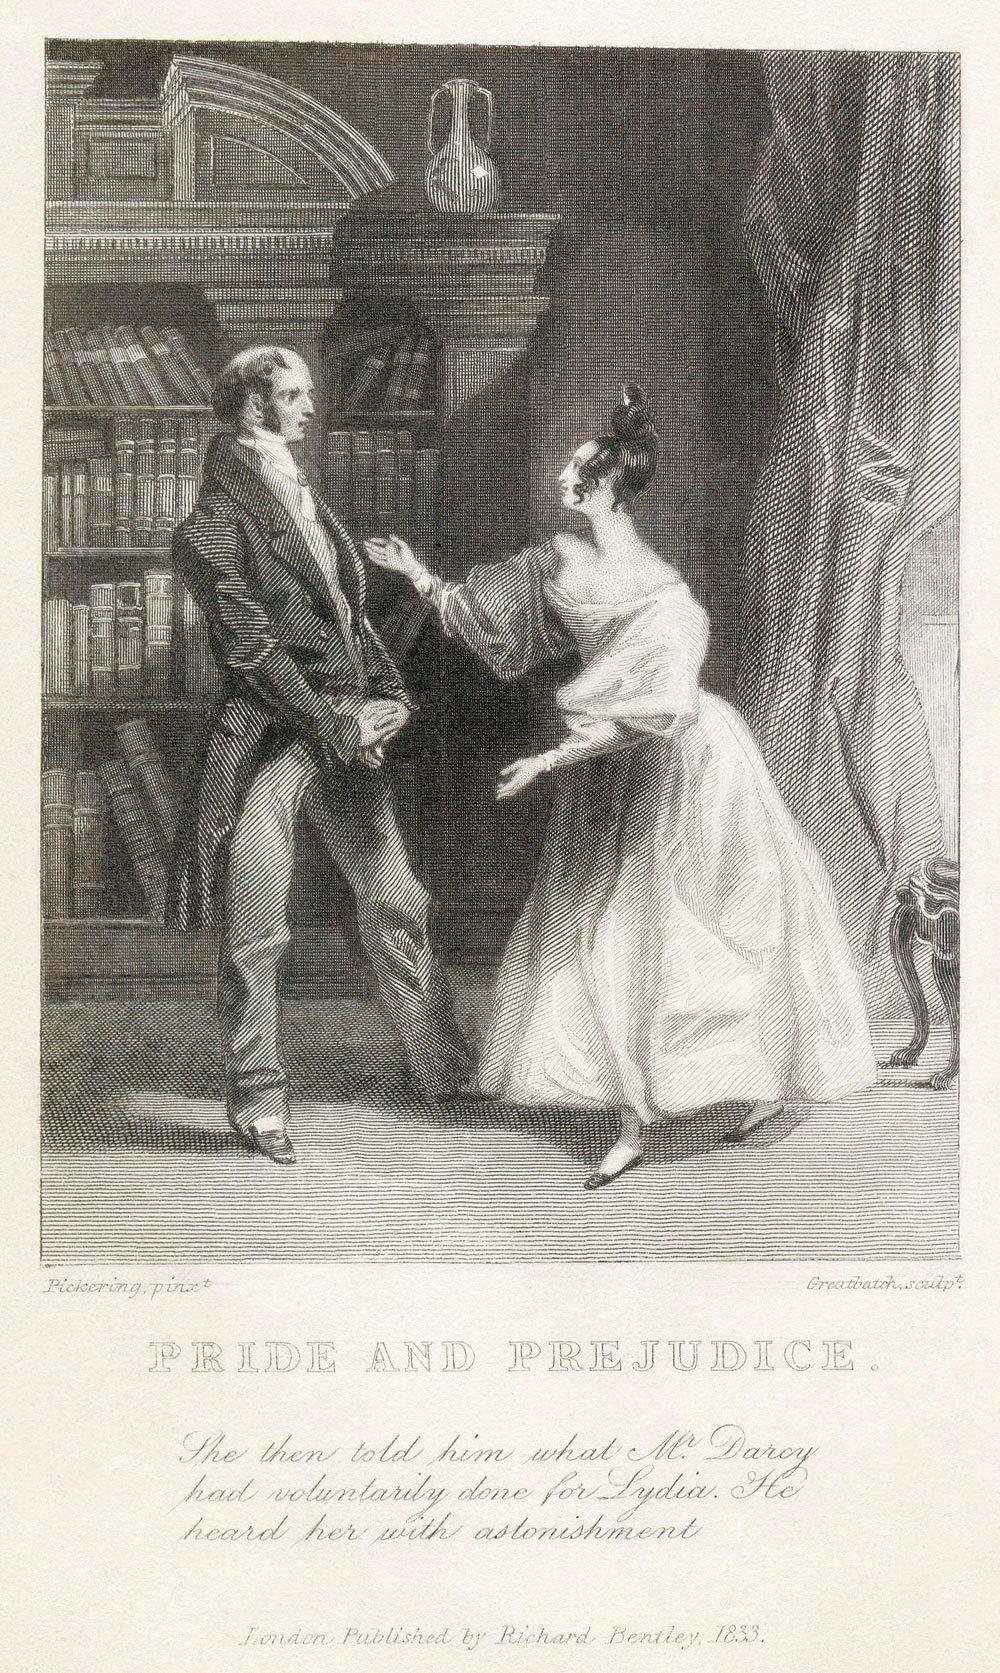 《傲慢與偏見》是珍·奧斯汀最出名的作品。講述了一個鄉紳家中五個女兒的擇偶和婚姻,小說中的五個女兒,性格各異,遇到了各式各樣的求婚者,展現了各類男女人物的性格、特徵以及他們的命運。(維基百科)